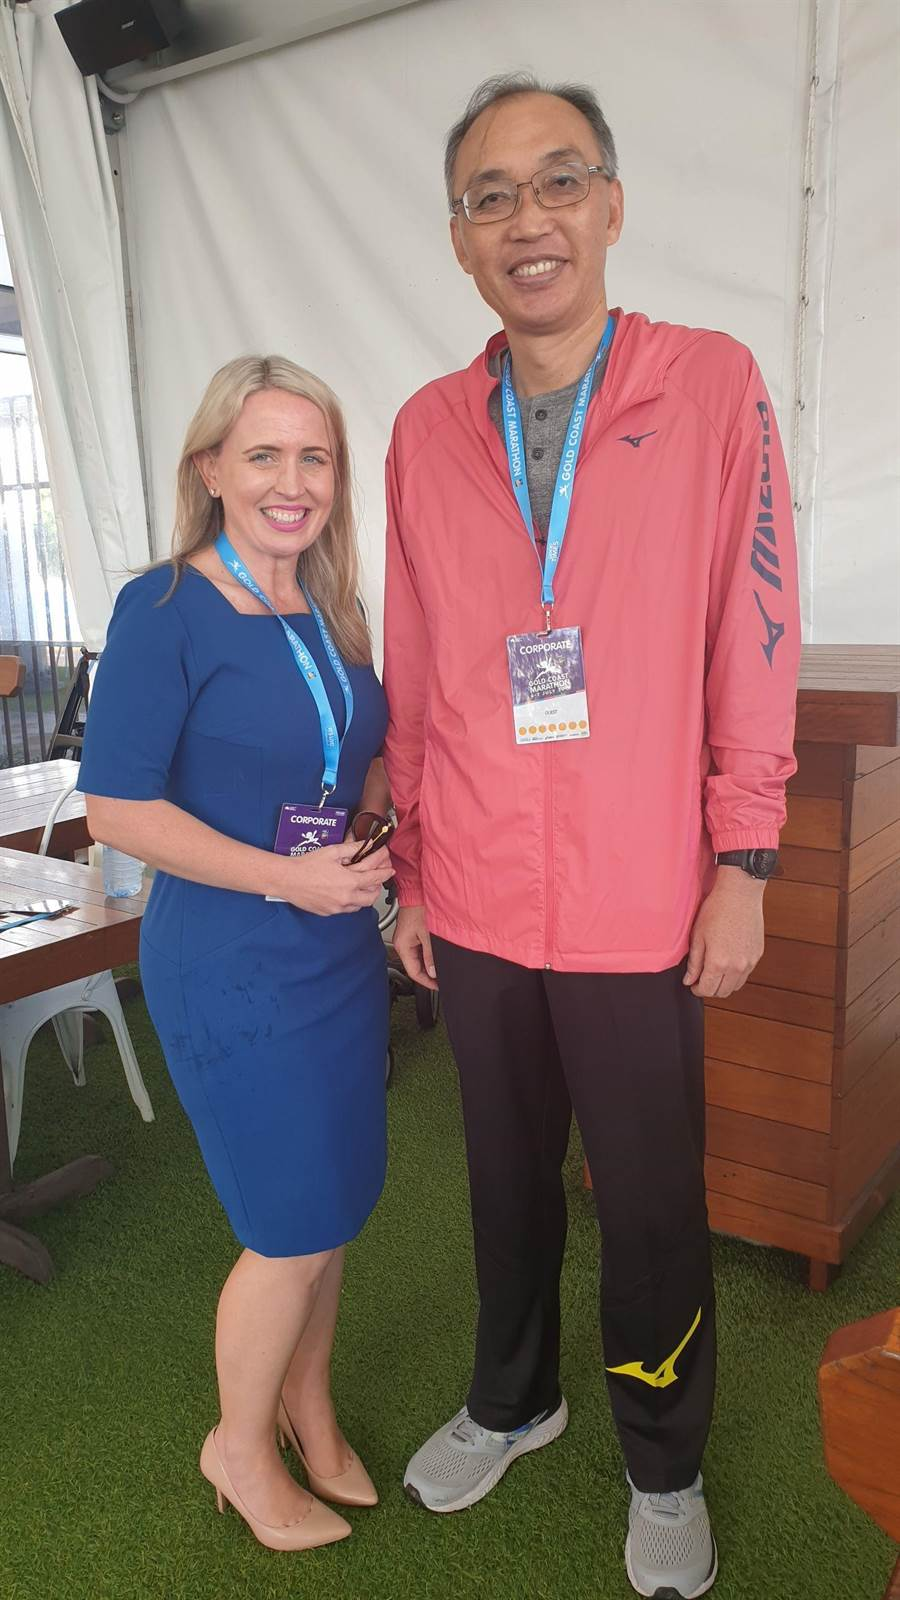 謝政達與昆士蘭州政府創新暨旅遊部長Ms. Hon Kate Jones在馬拉松接待處會面。(譚宇哲翻攝)